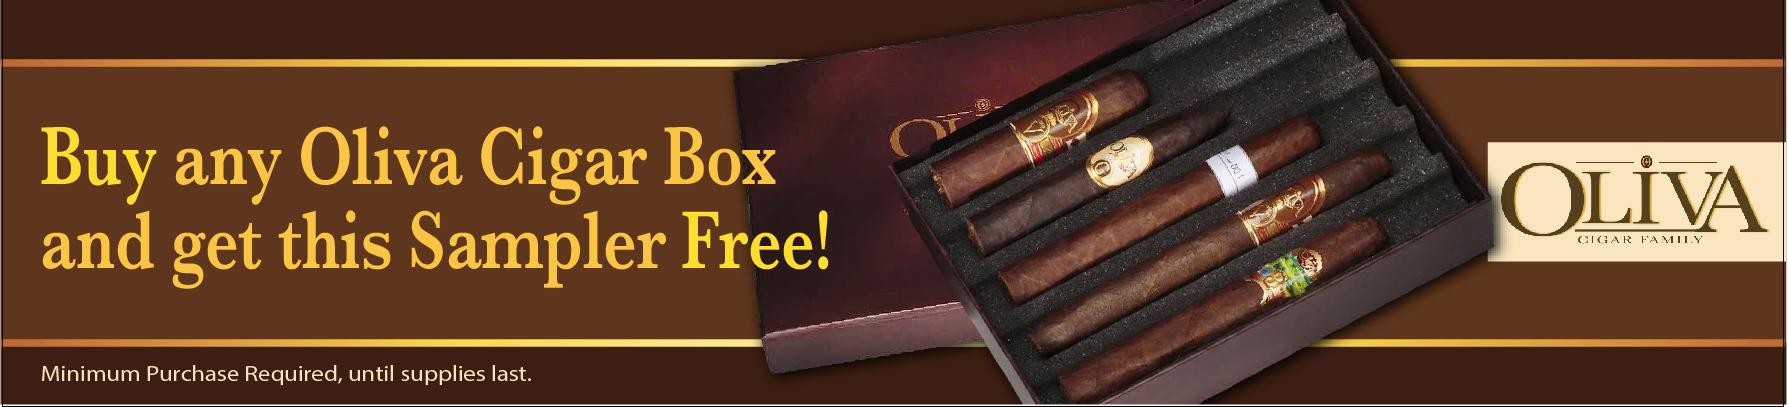 buy oliva, padilla or nub box cigars free sampler